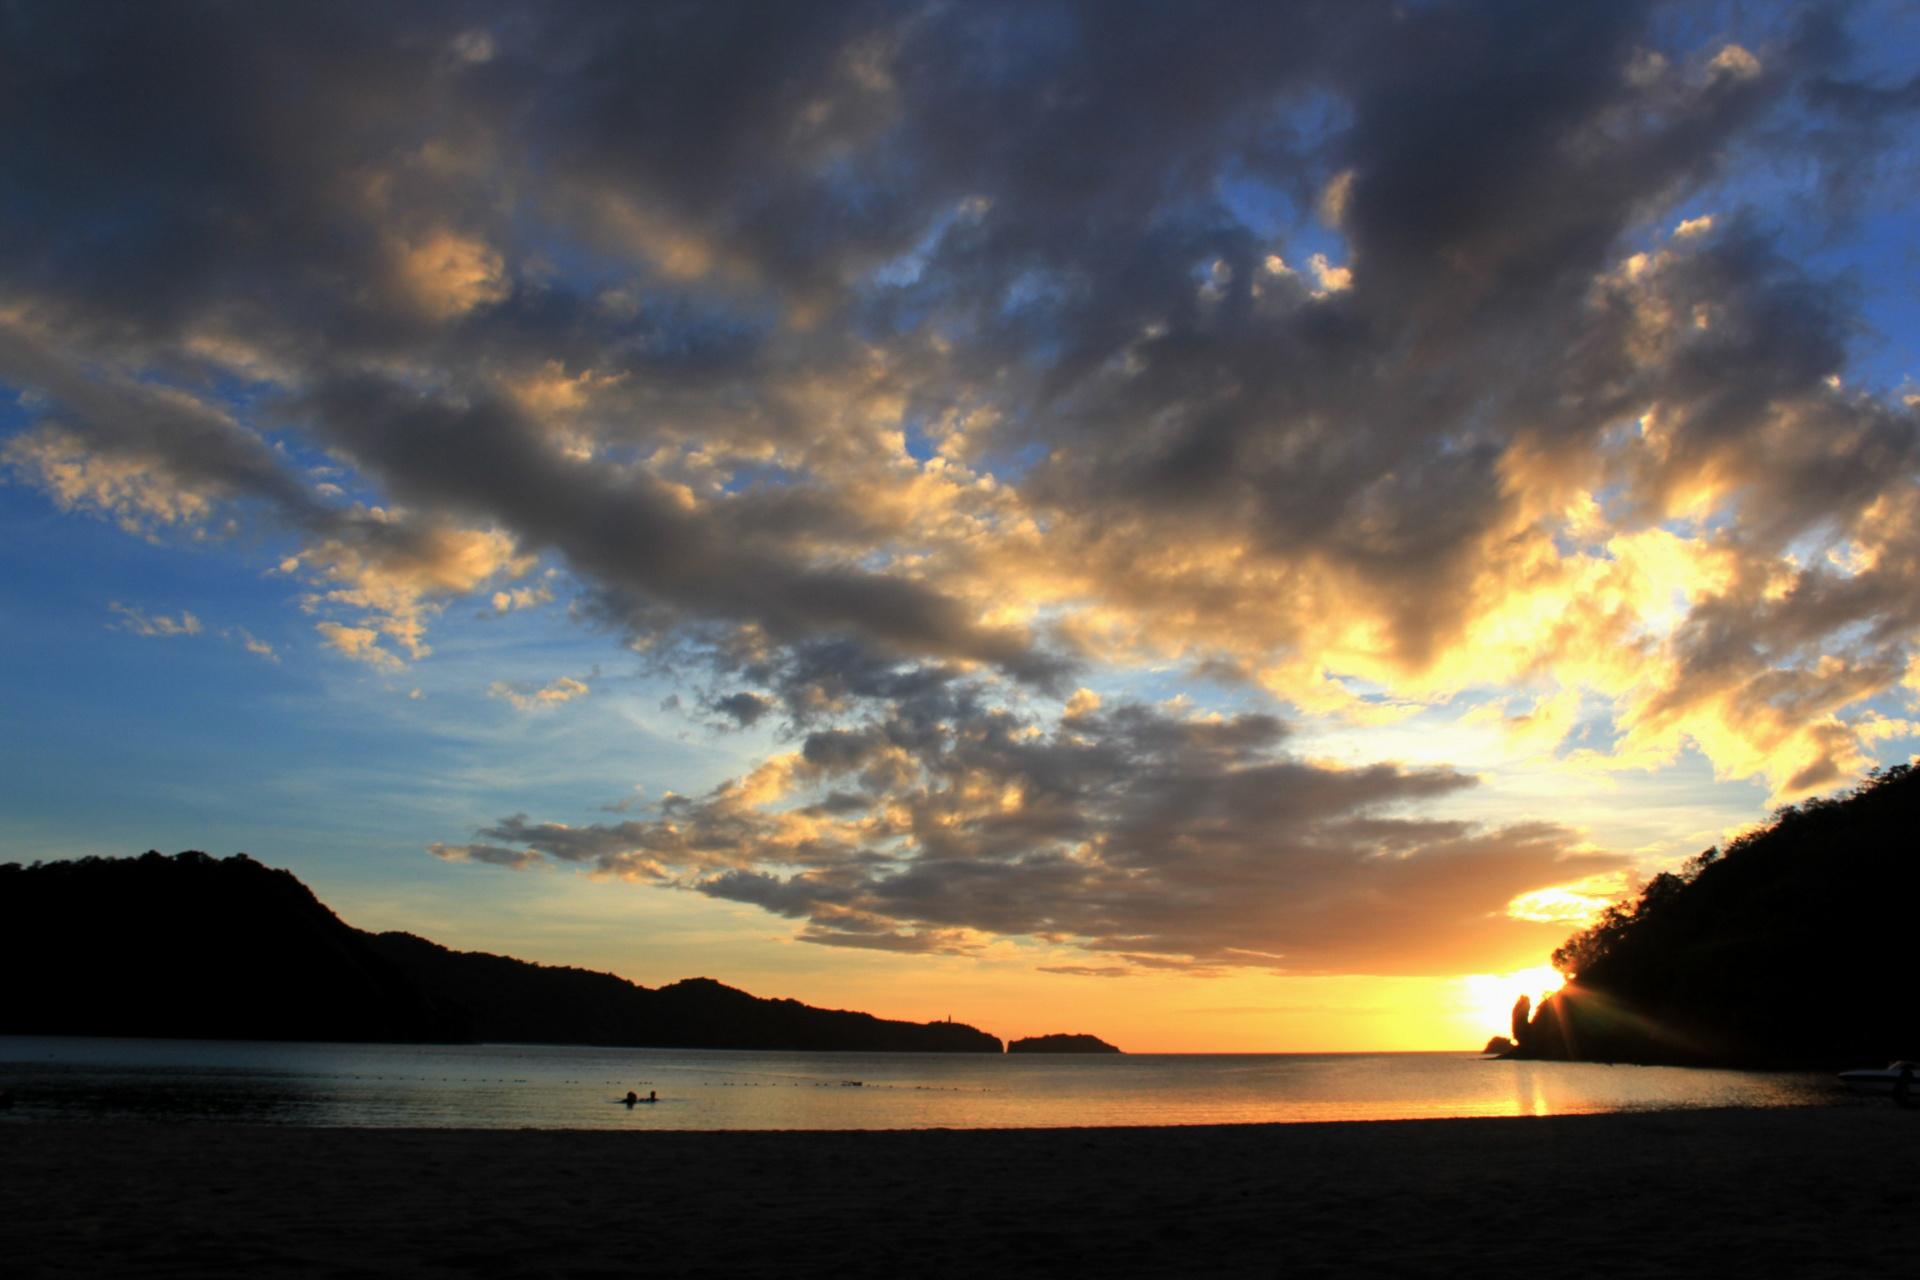 sunset wallpaper,sky,cloud,horizon,afterglow,nature